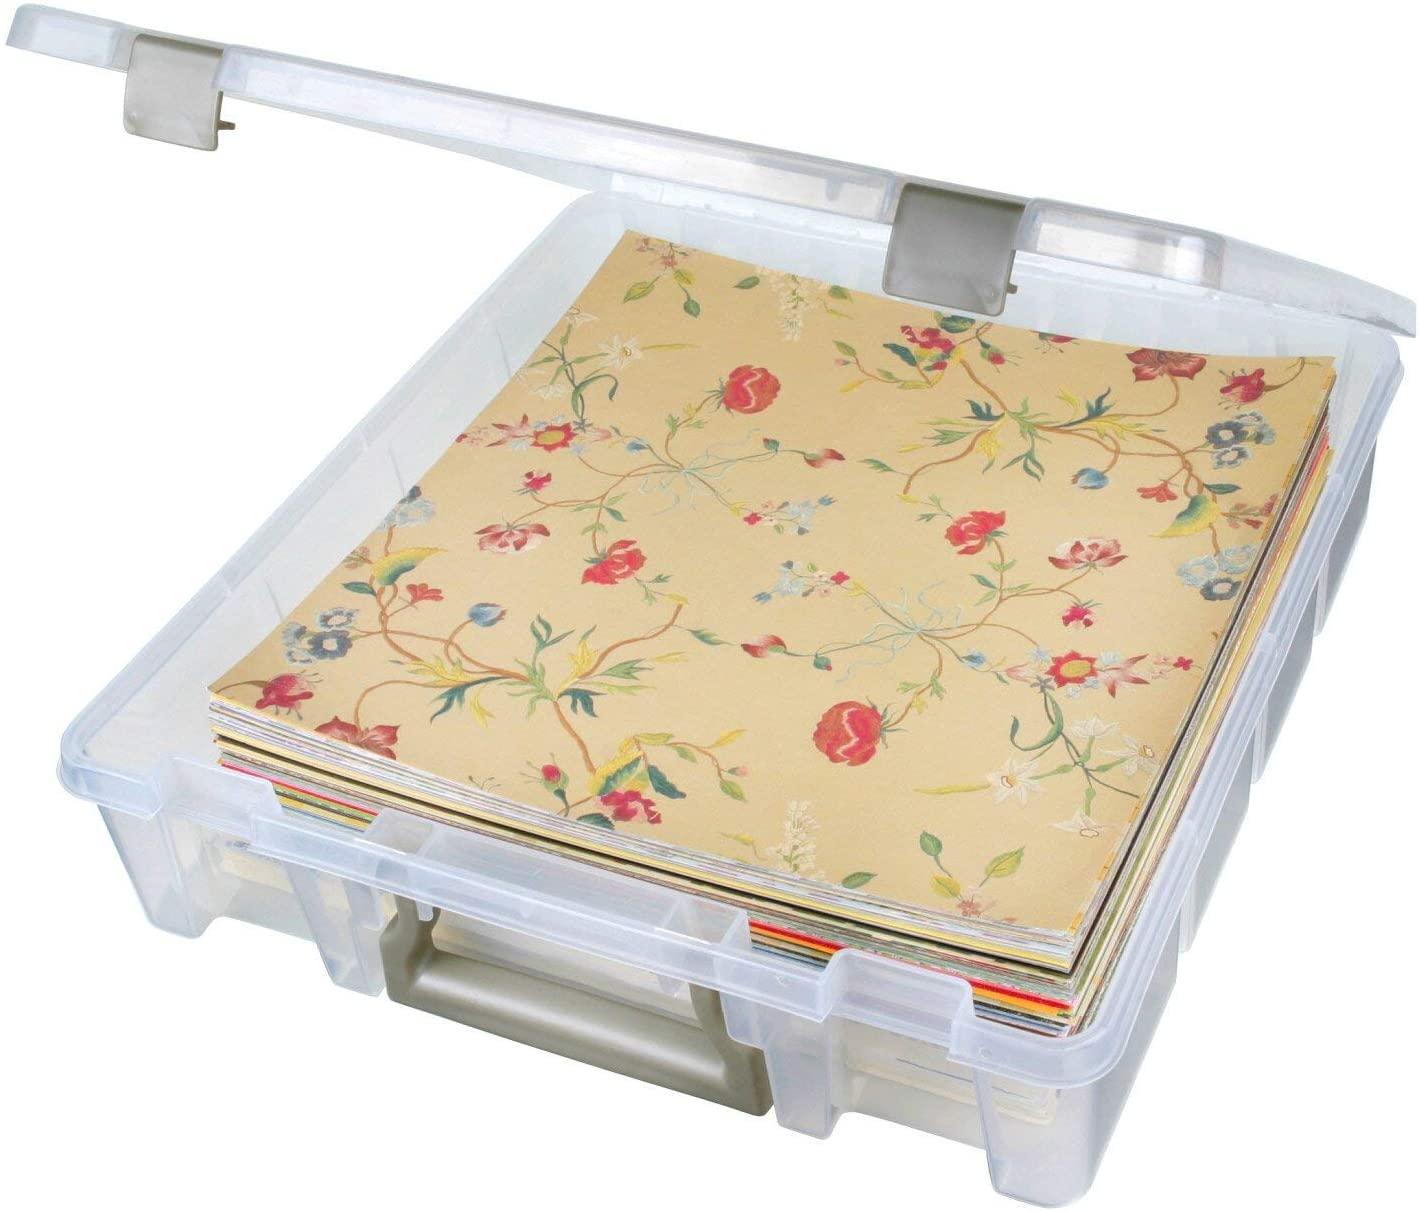 Best Storage Holiday Maletín - ArtBin Super Satchel Organizador de arte y artesanía de un solo compartimento